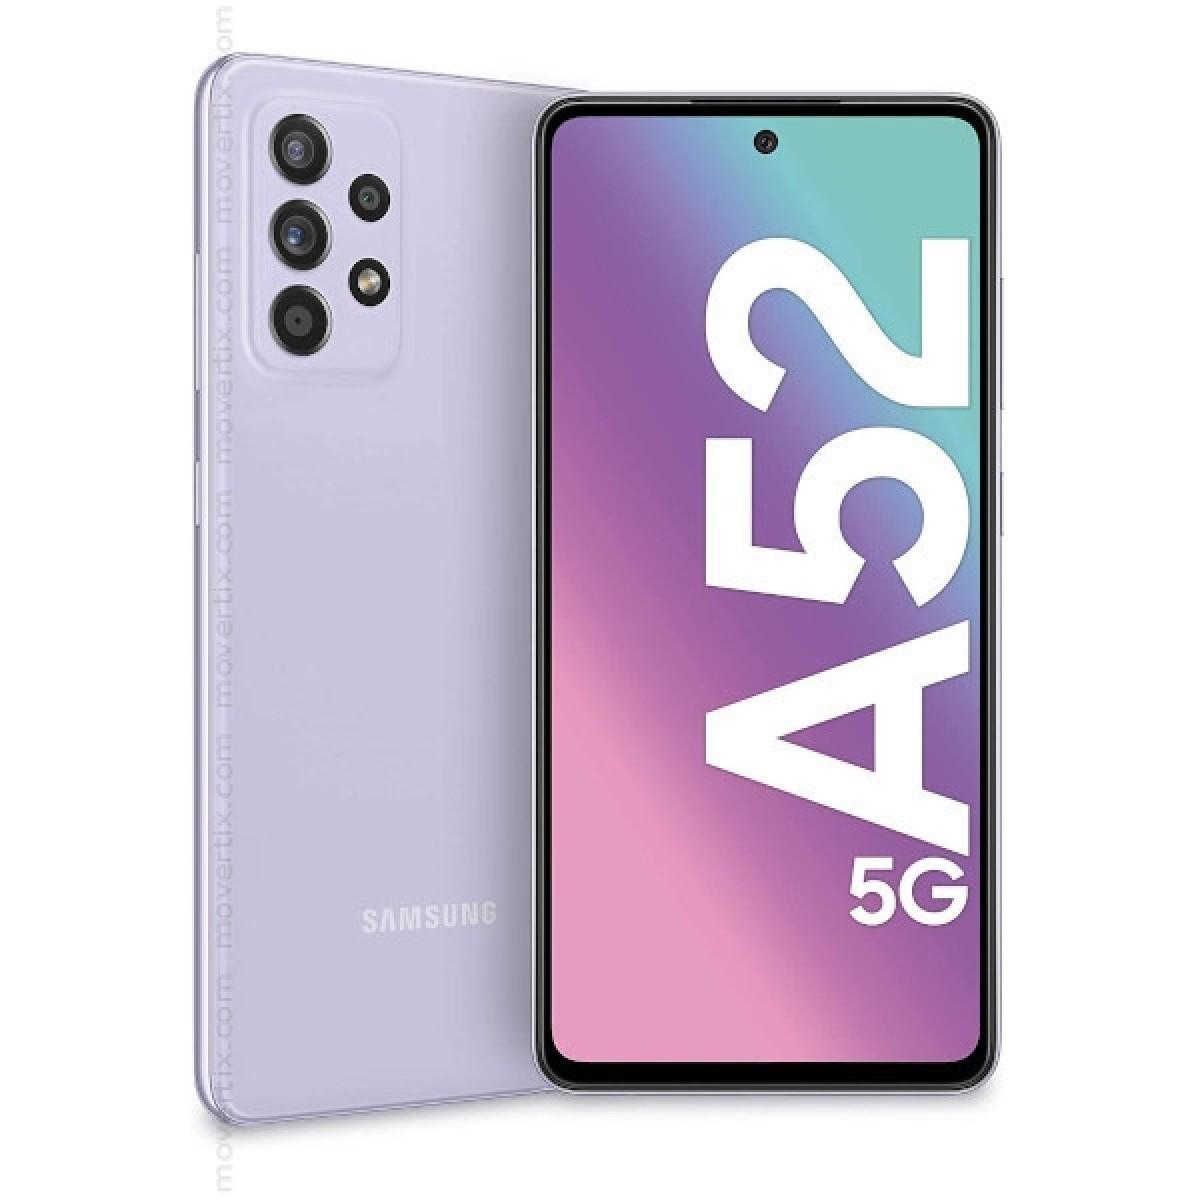 Samsung Galaxy A52 5G Dual SIM in Violett mit 128GB und 6GB RAM -  SM-A526B/DS (8806092087866)